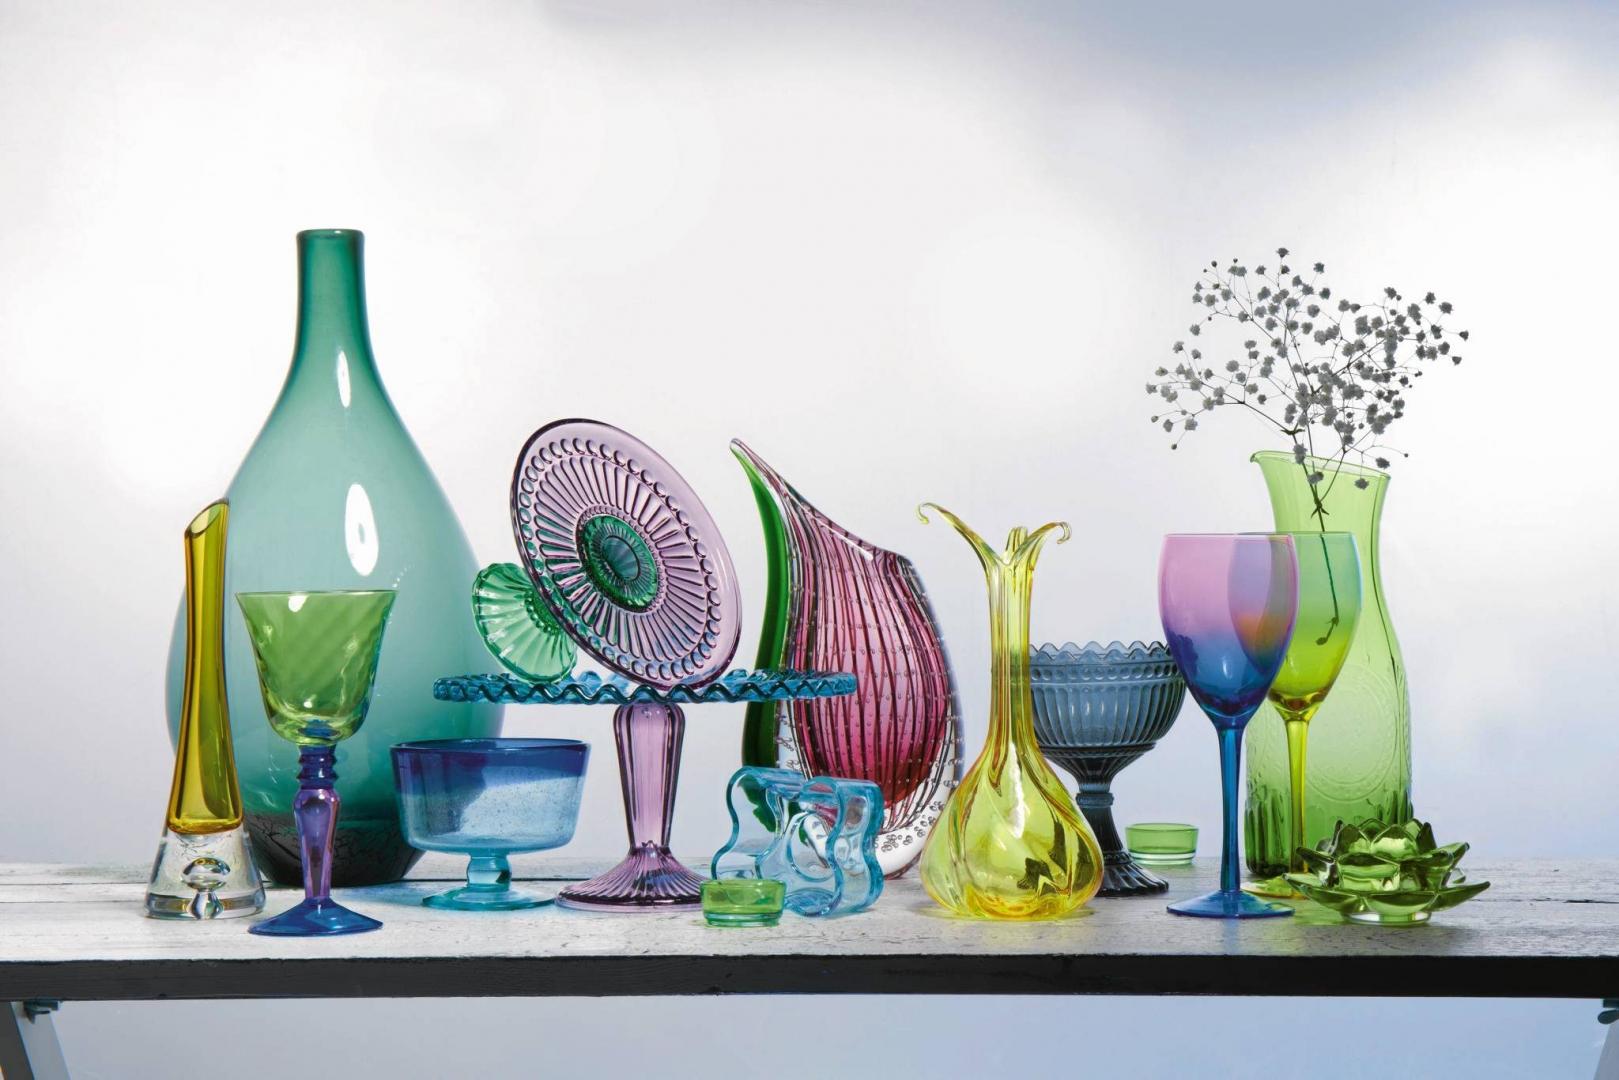 Wzornictwo Kolorowe Szkło ładny Dom